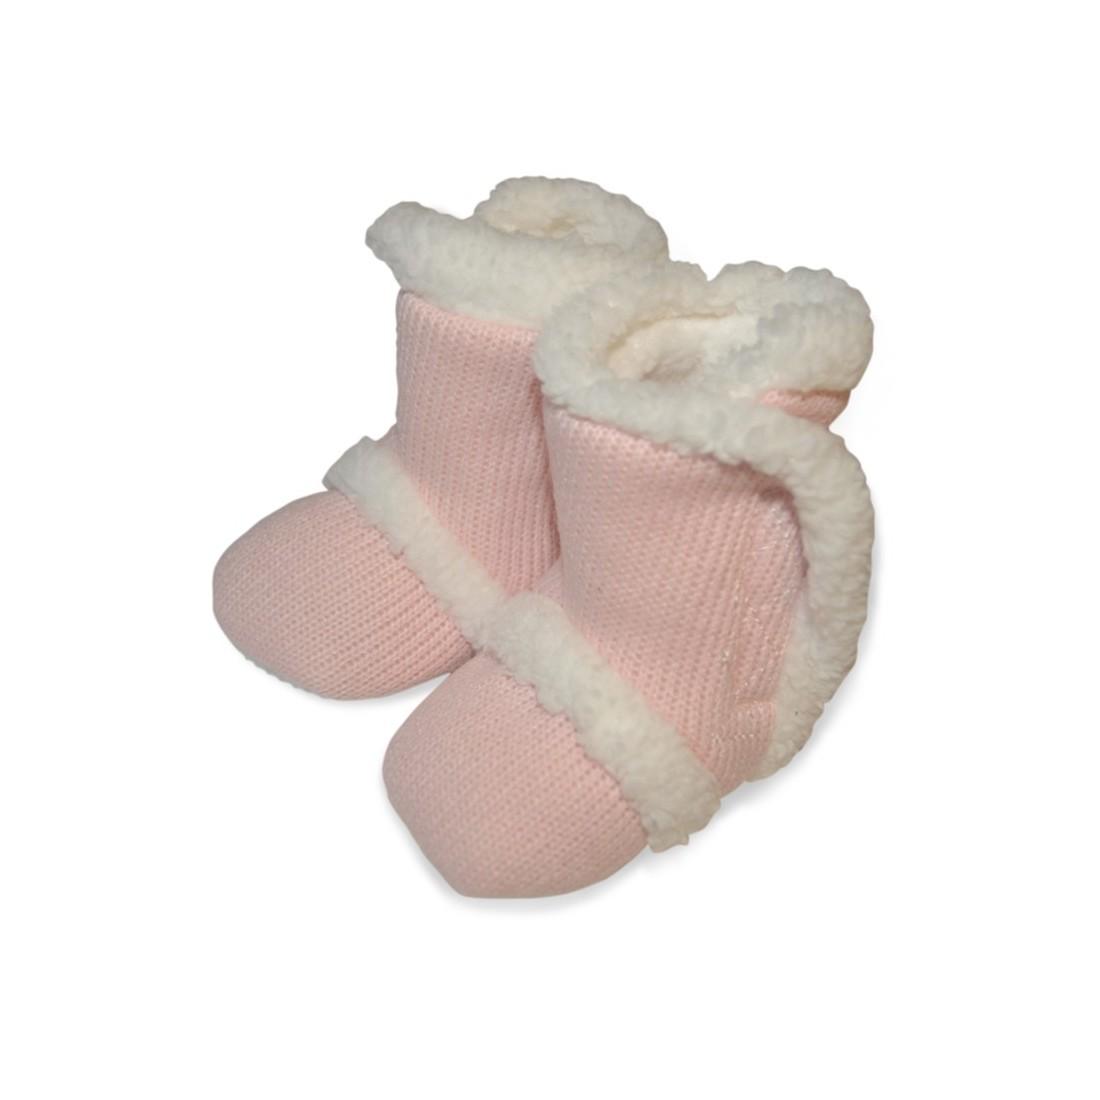 chaussons b b originaux comme des botillons en laine et fourr s. Black Bedroom Furniture Sets. Home Design Ideas